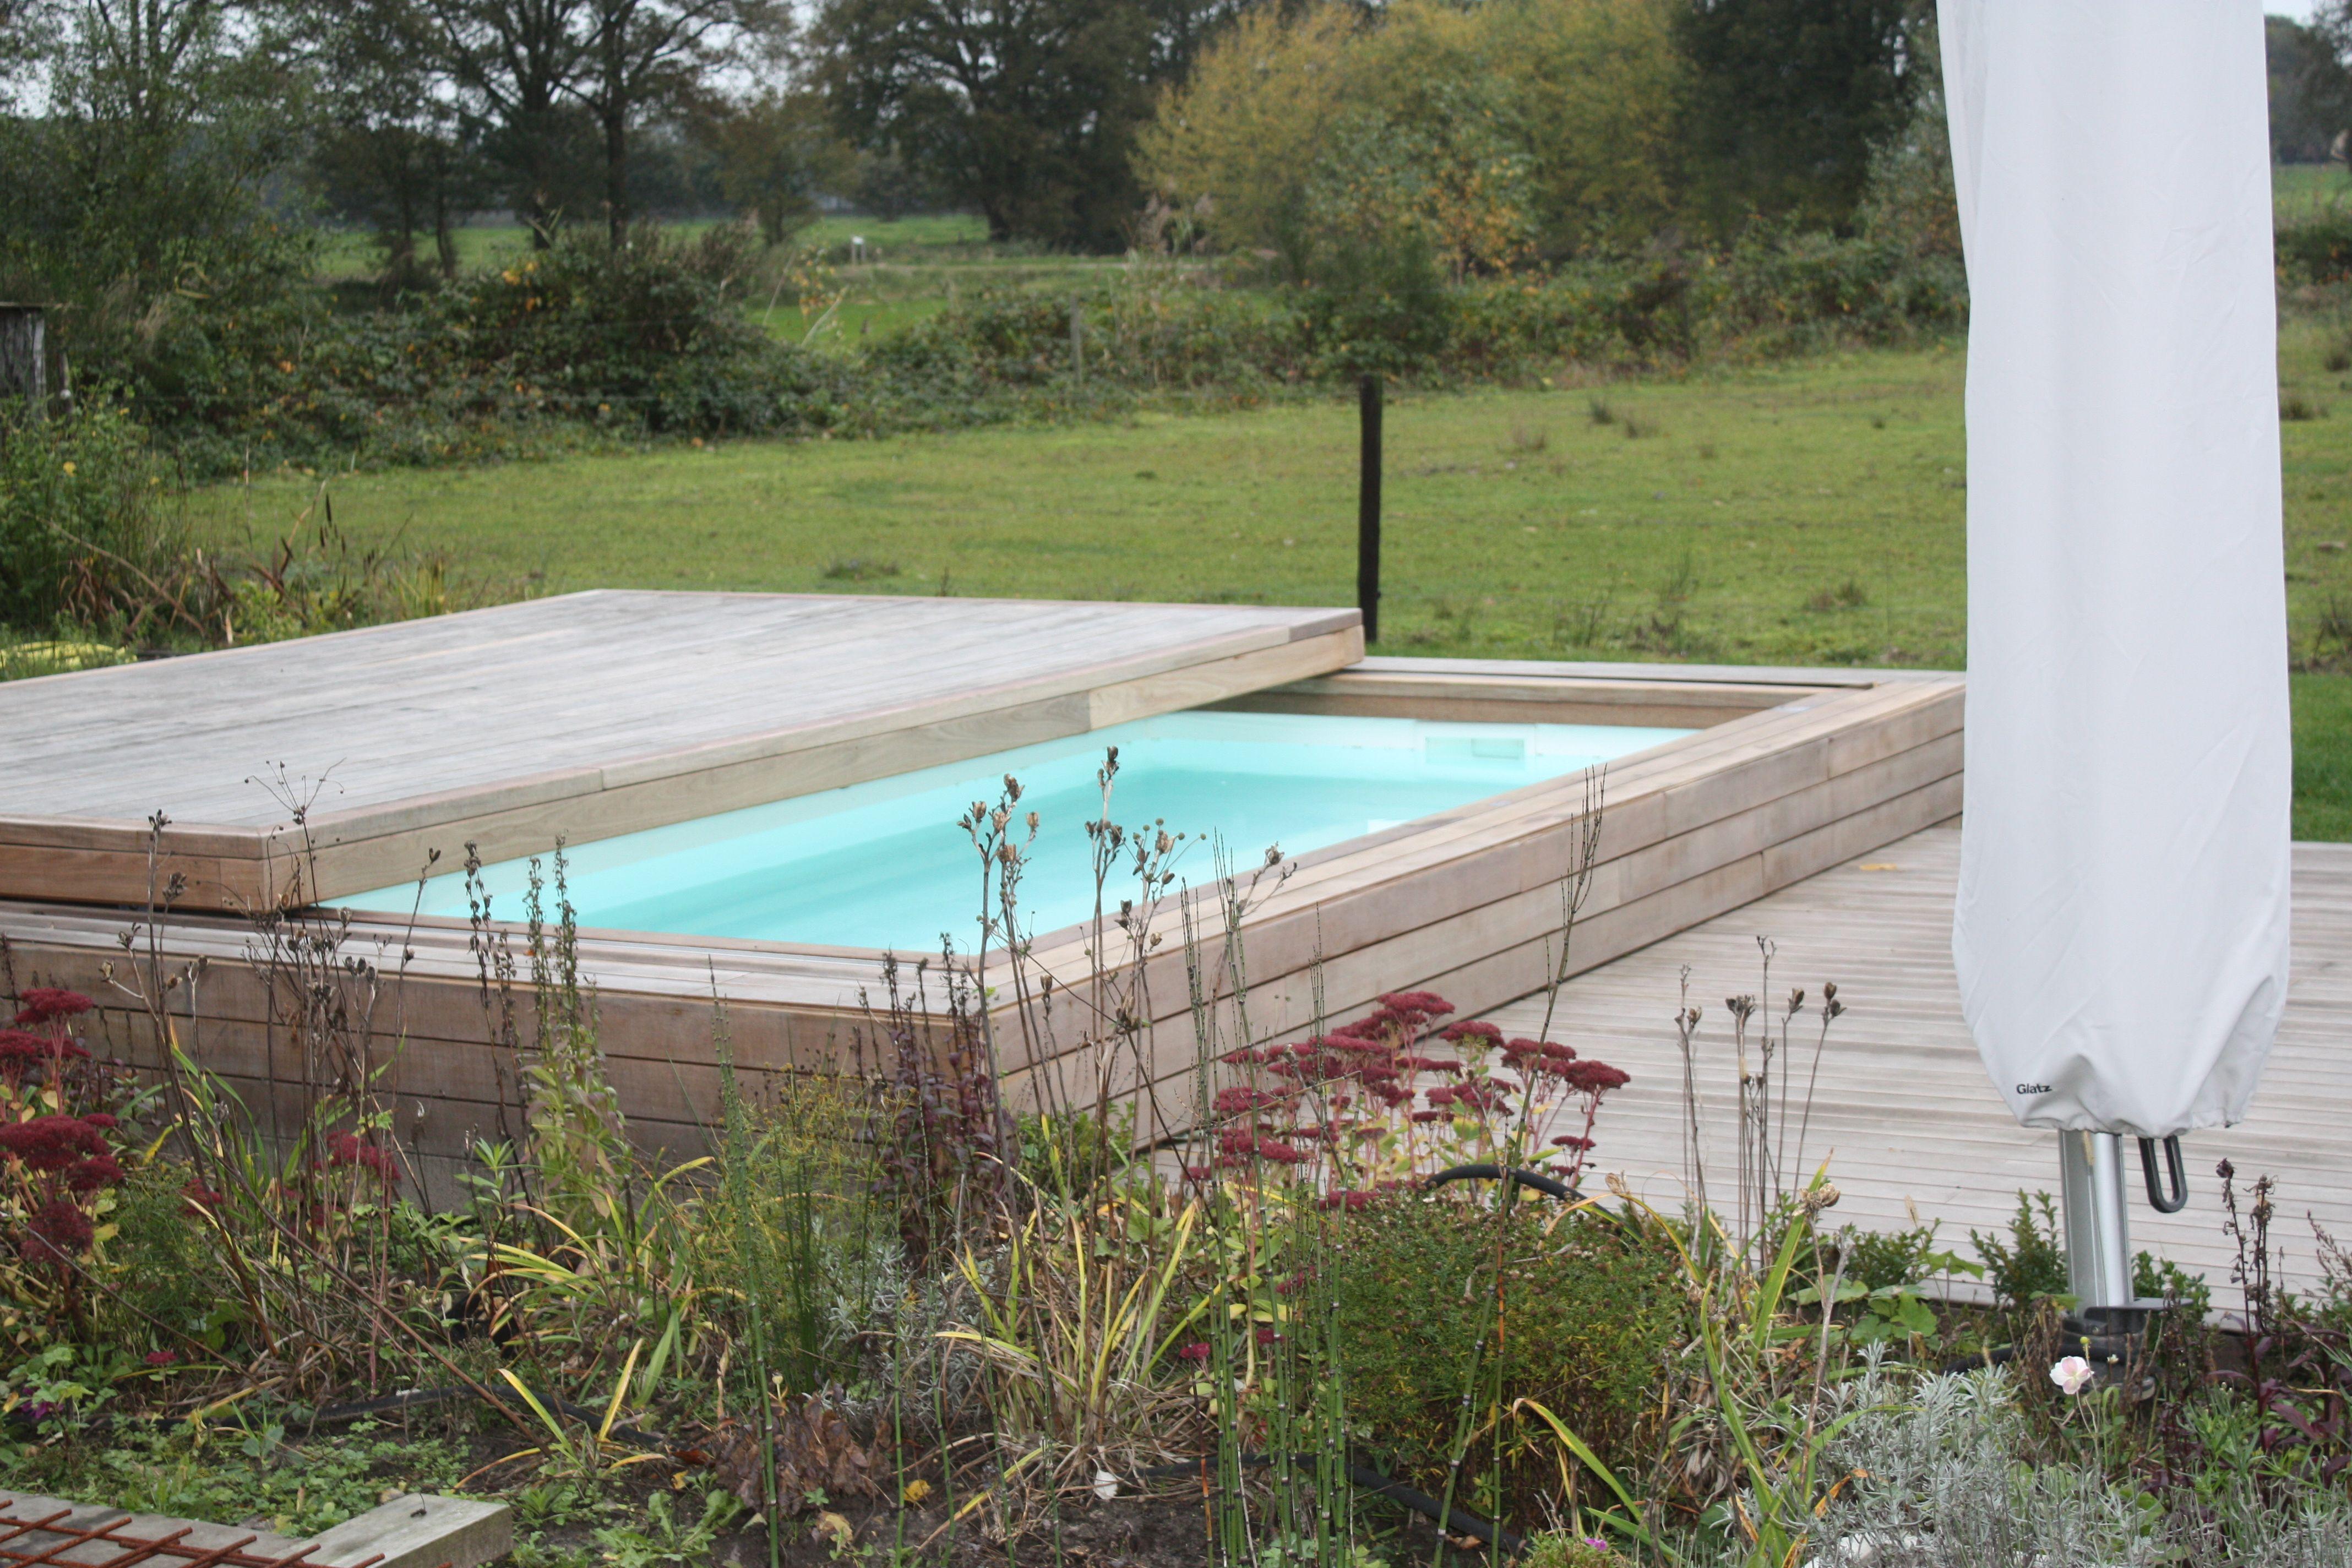 95 mini zwembad inbouw revolutionair compacte minipools for Goedkoop inbouw zwembad